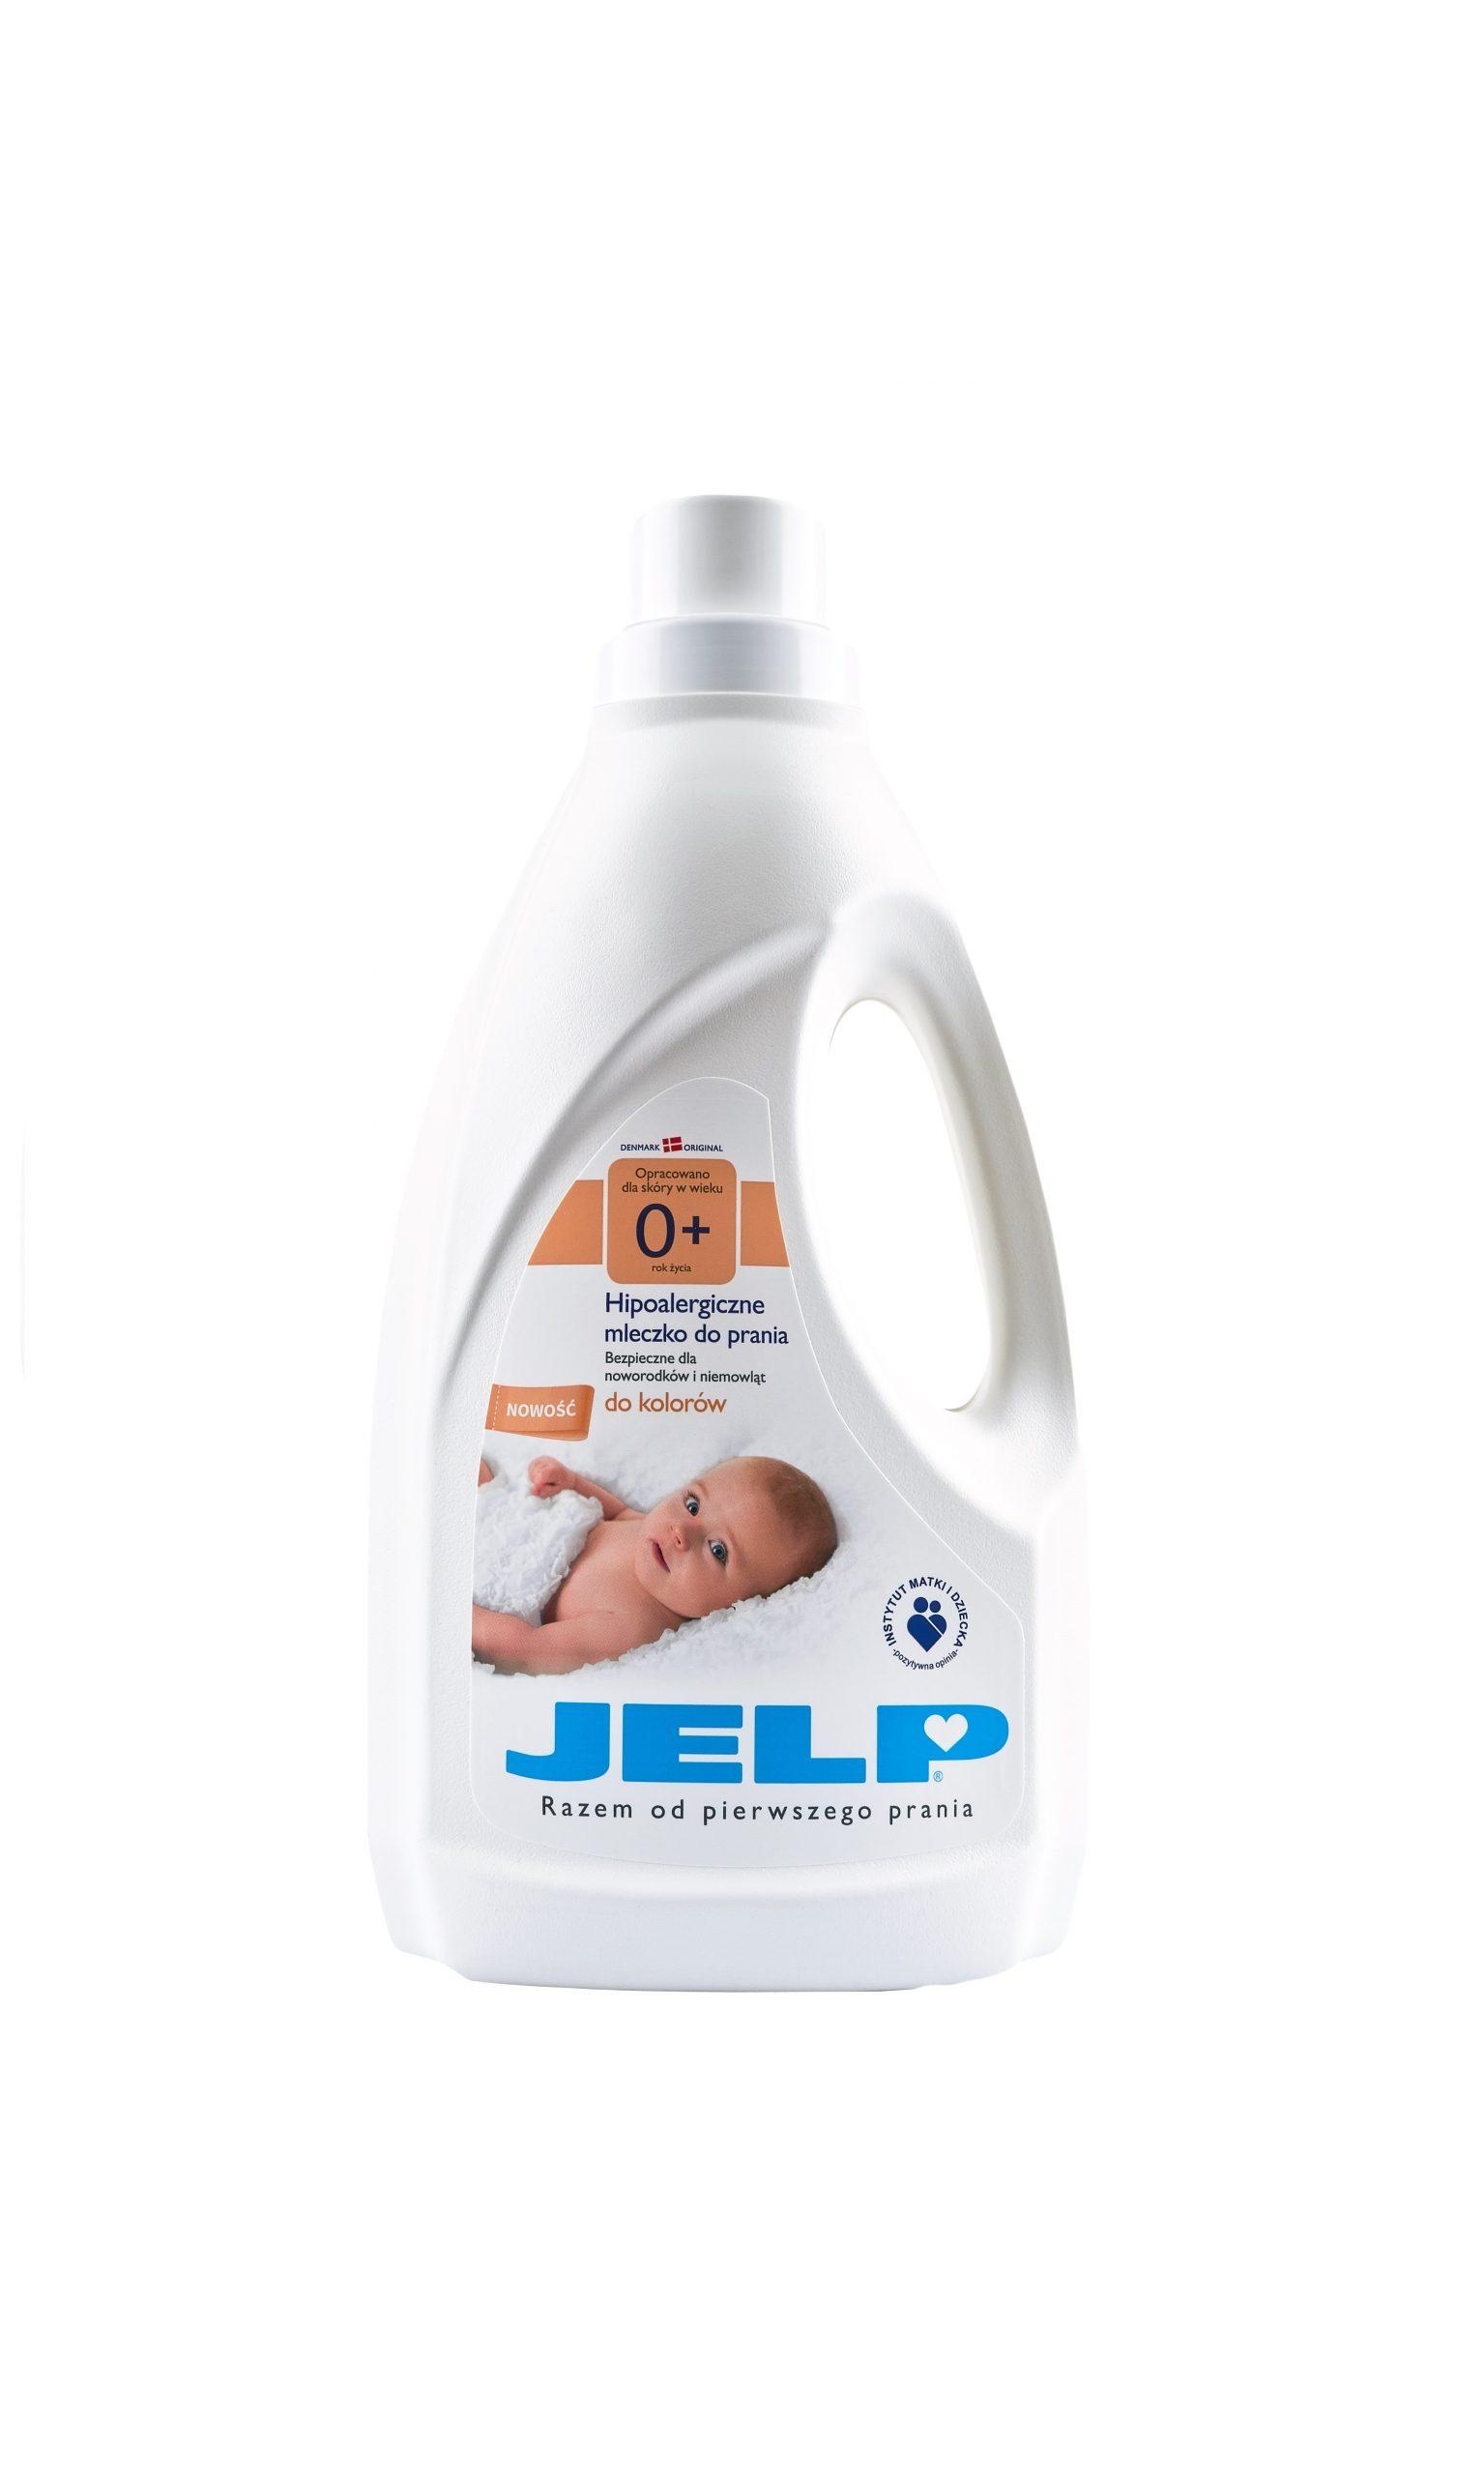 JELP 0+ hipoalergiczne mleczko do kolorow 1,5 L